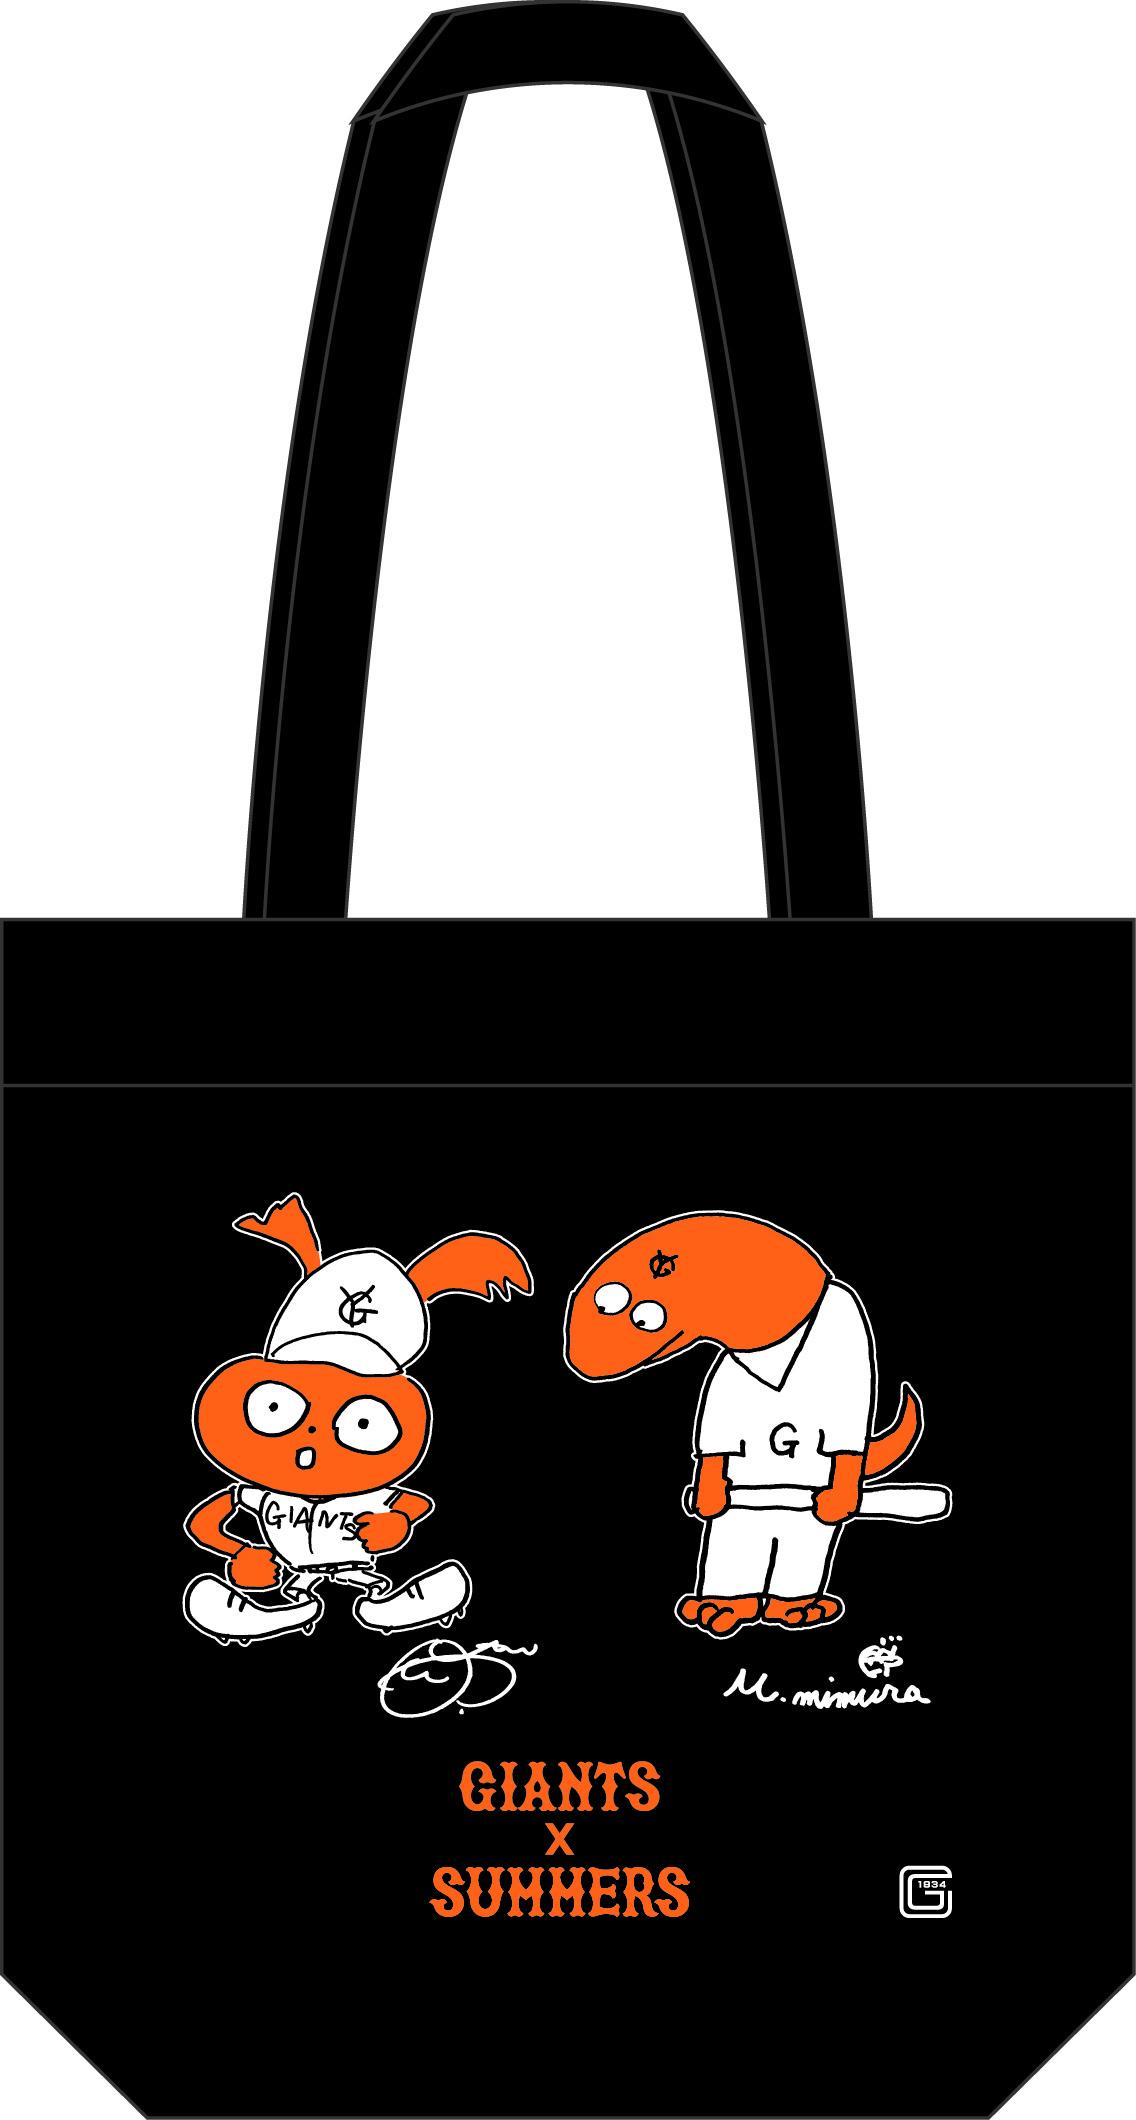 さまぁ~ずの直筆イラスト入りオリジナルトートバッグ